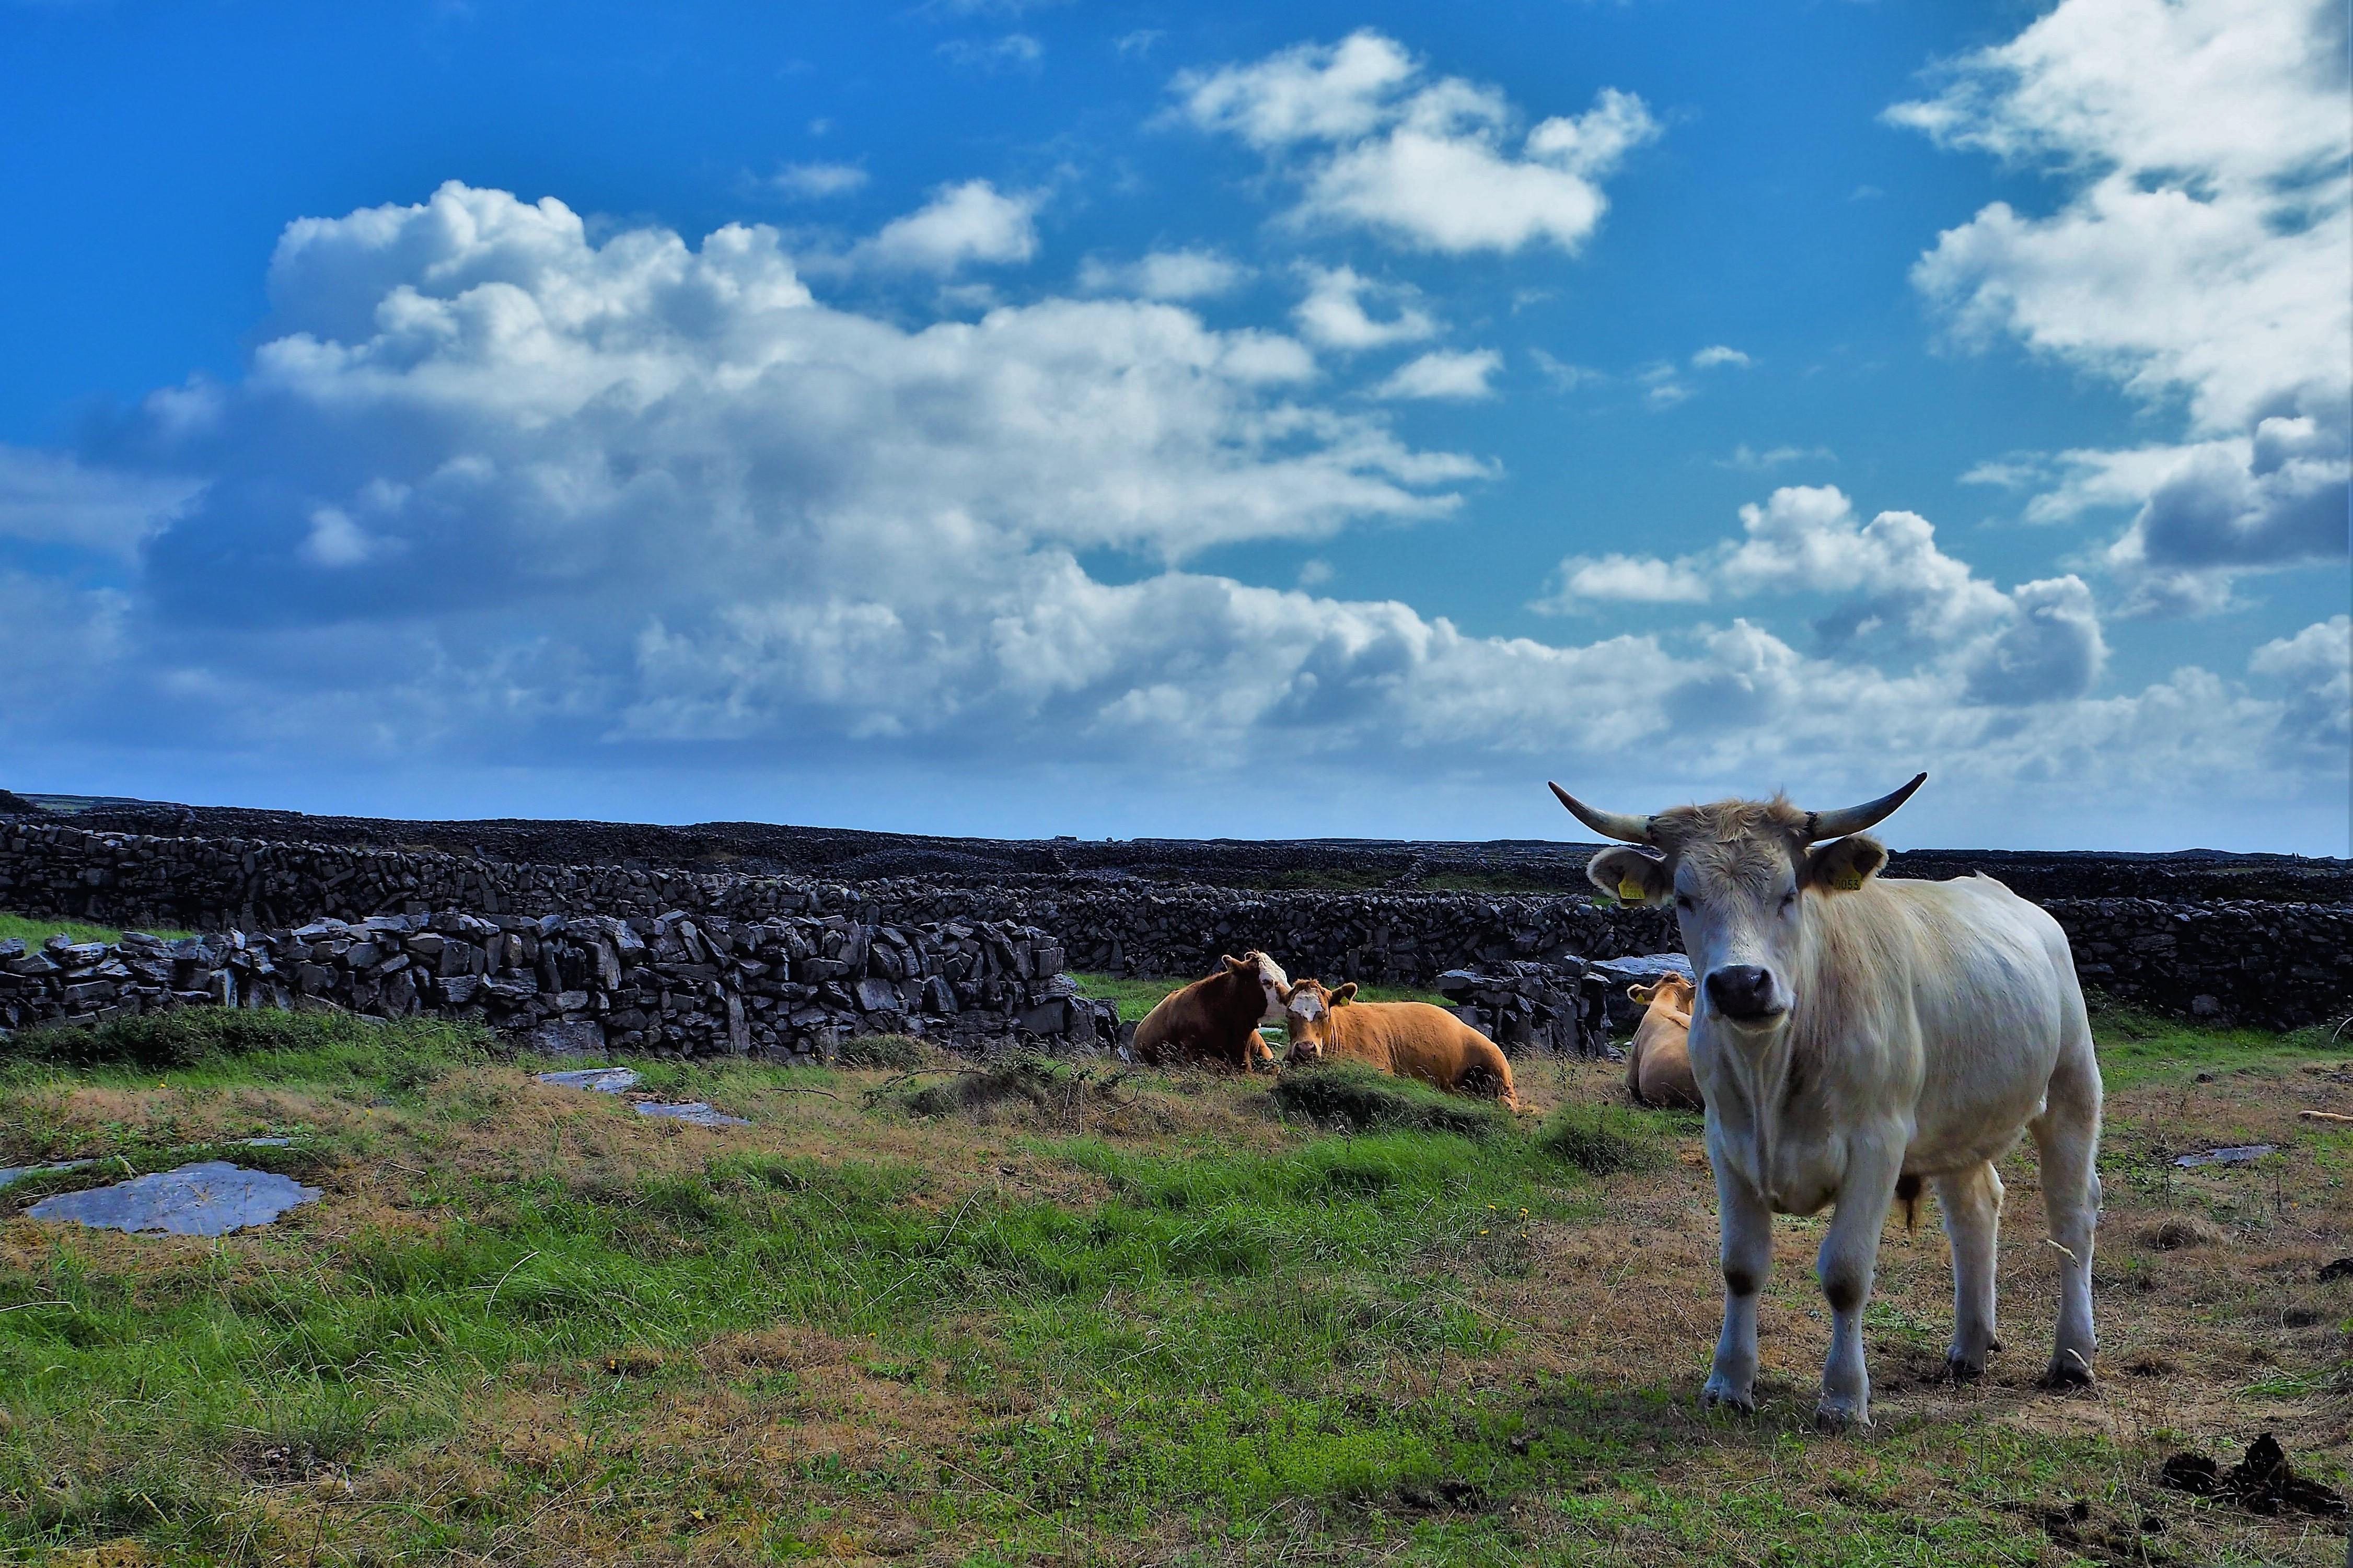 Big cow at Inish Mor